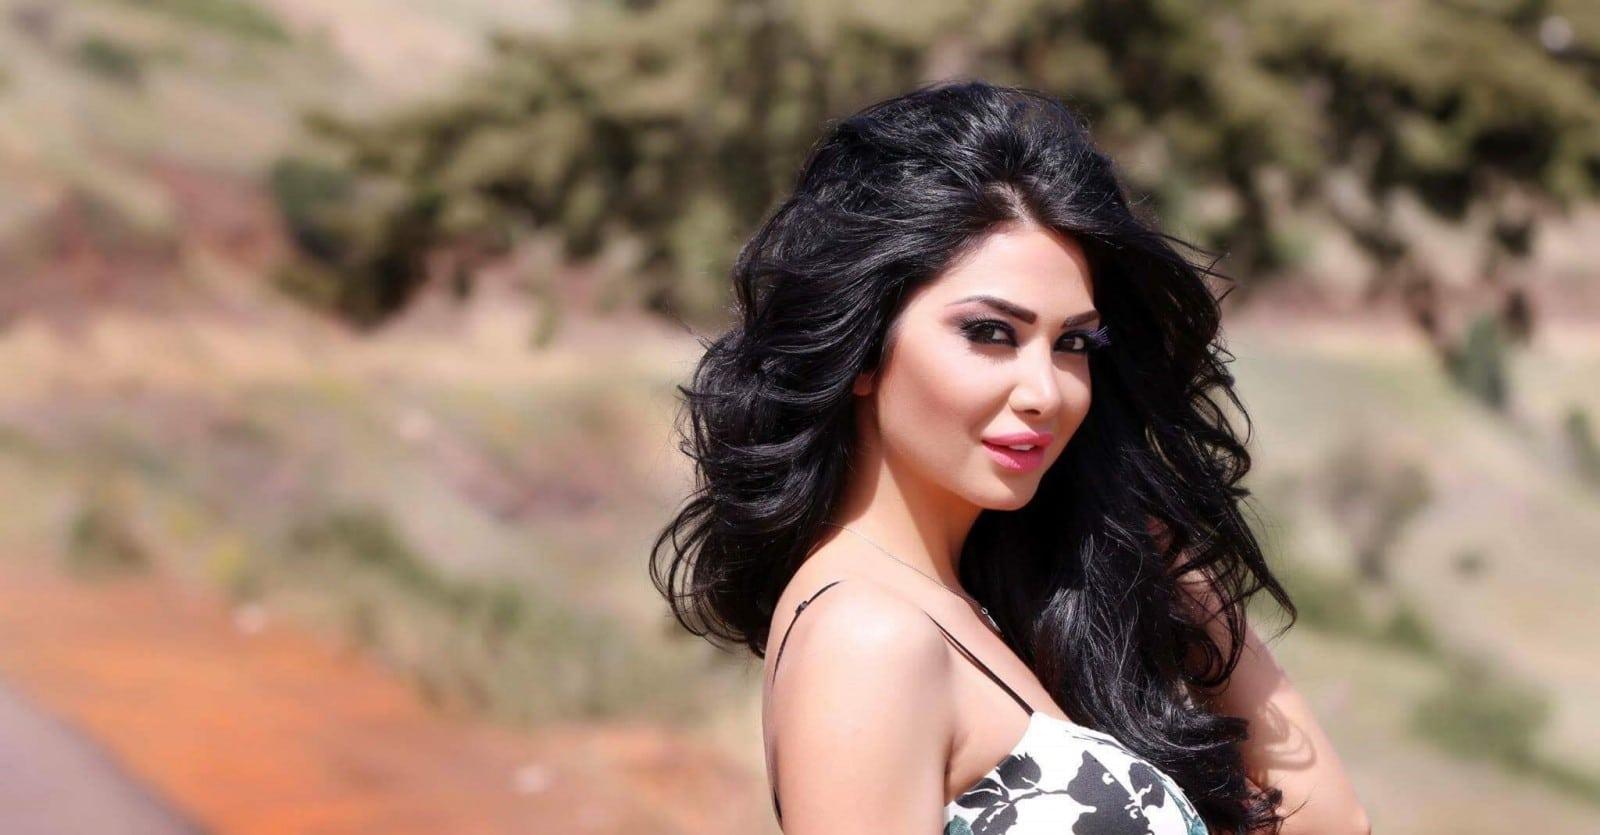 """""""شاهد"""" فنانة سورية شهيرة تثير جدلاً واسعاً بعد ظهورها تستعرض مؤخرتها بطريقة فاضحة ومستفزة!"""